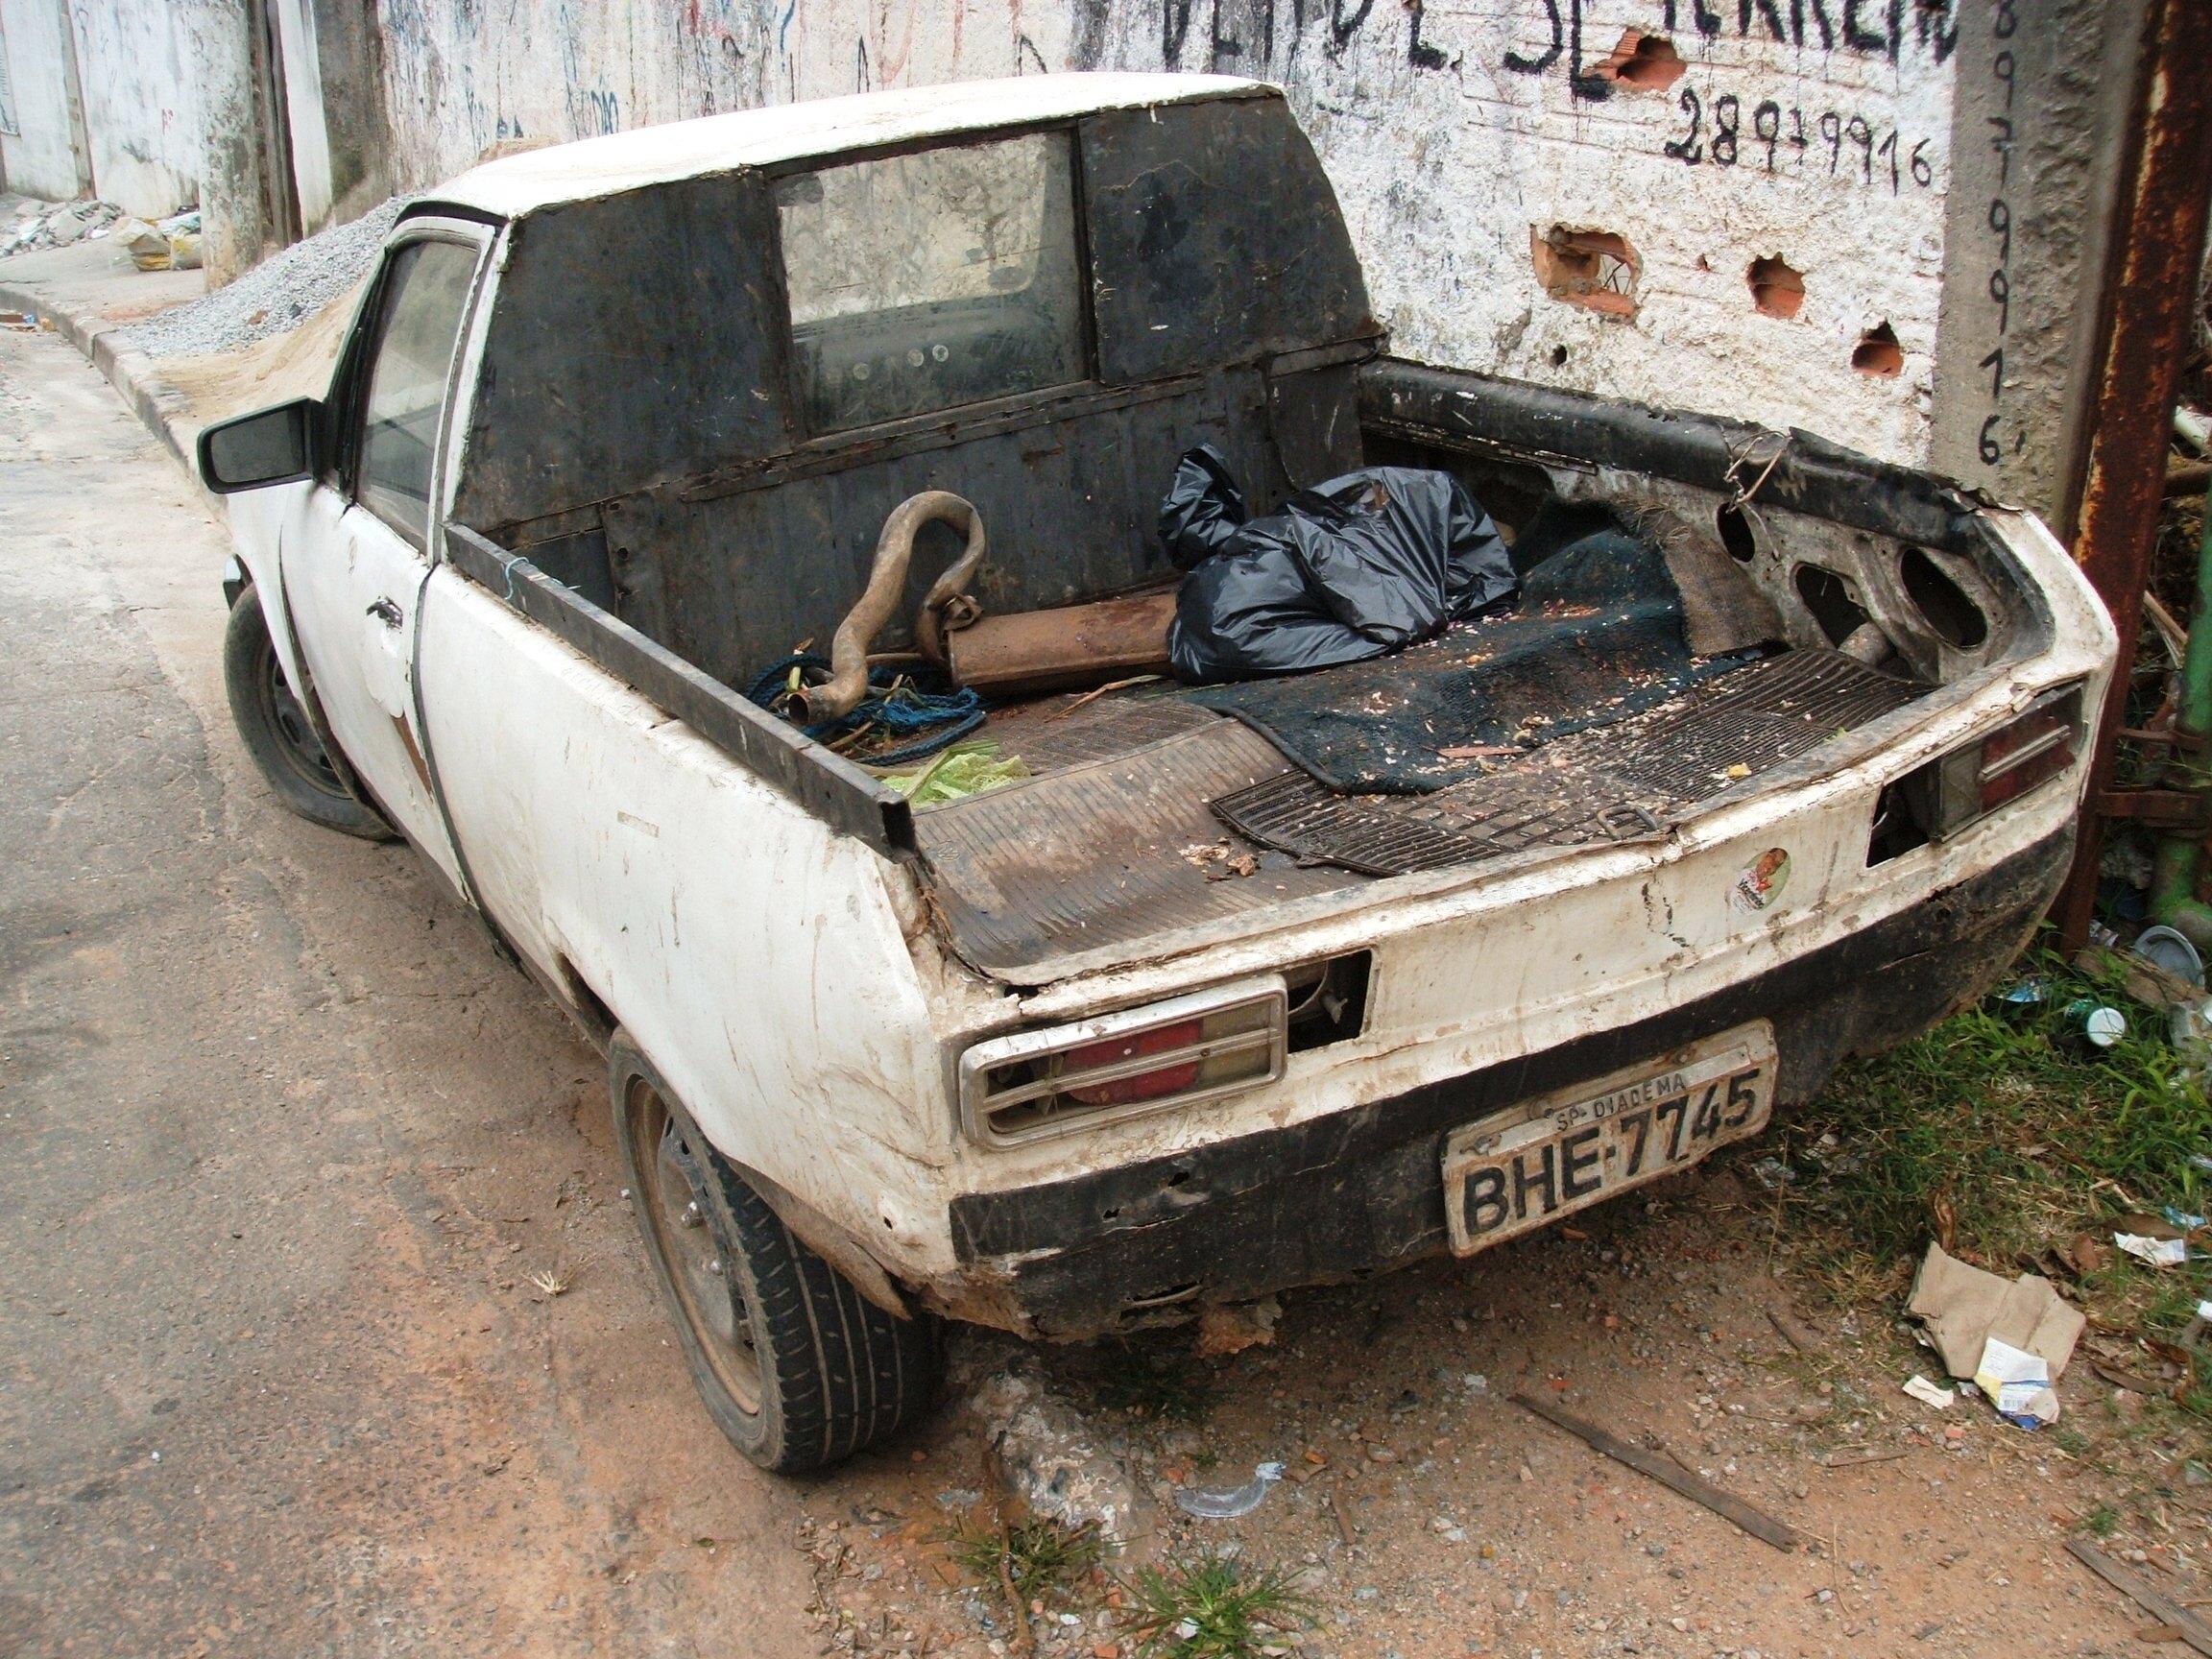 udanilo_chevette_diadema-3 Chevrolet Chevette 'Hatch-up'